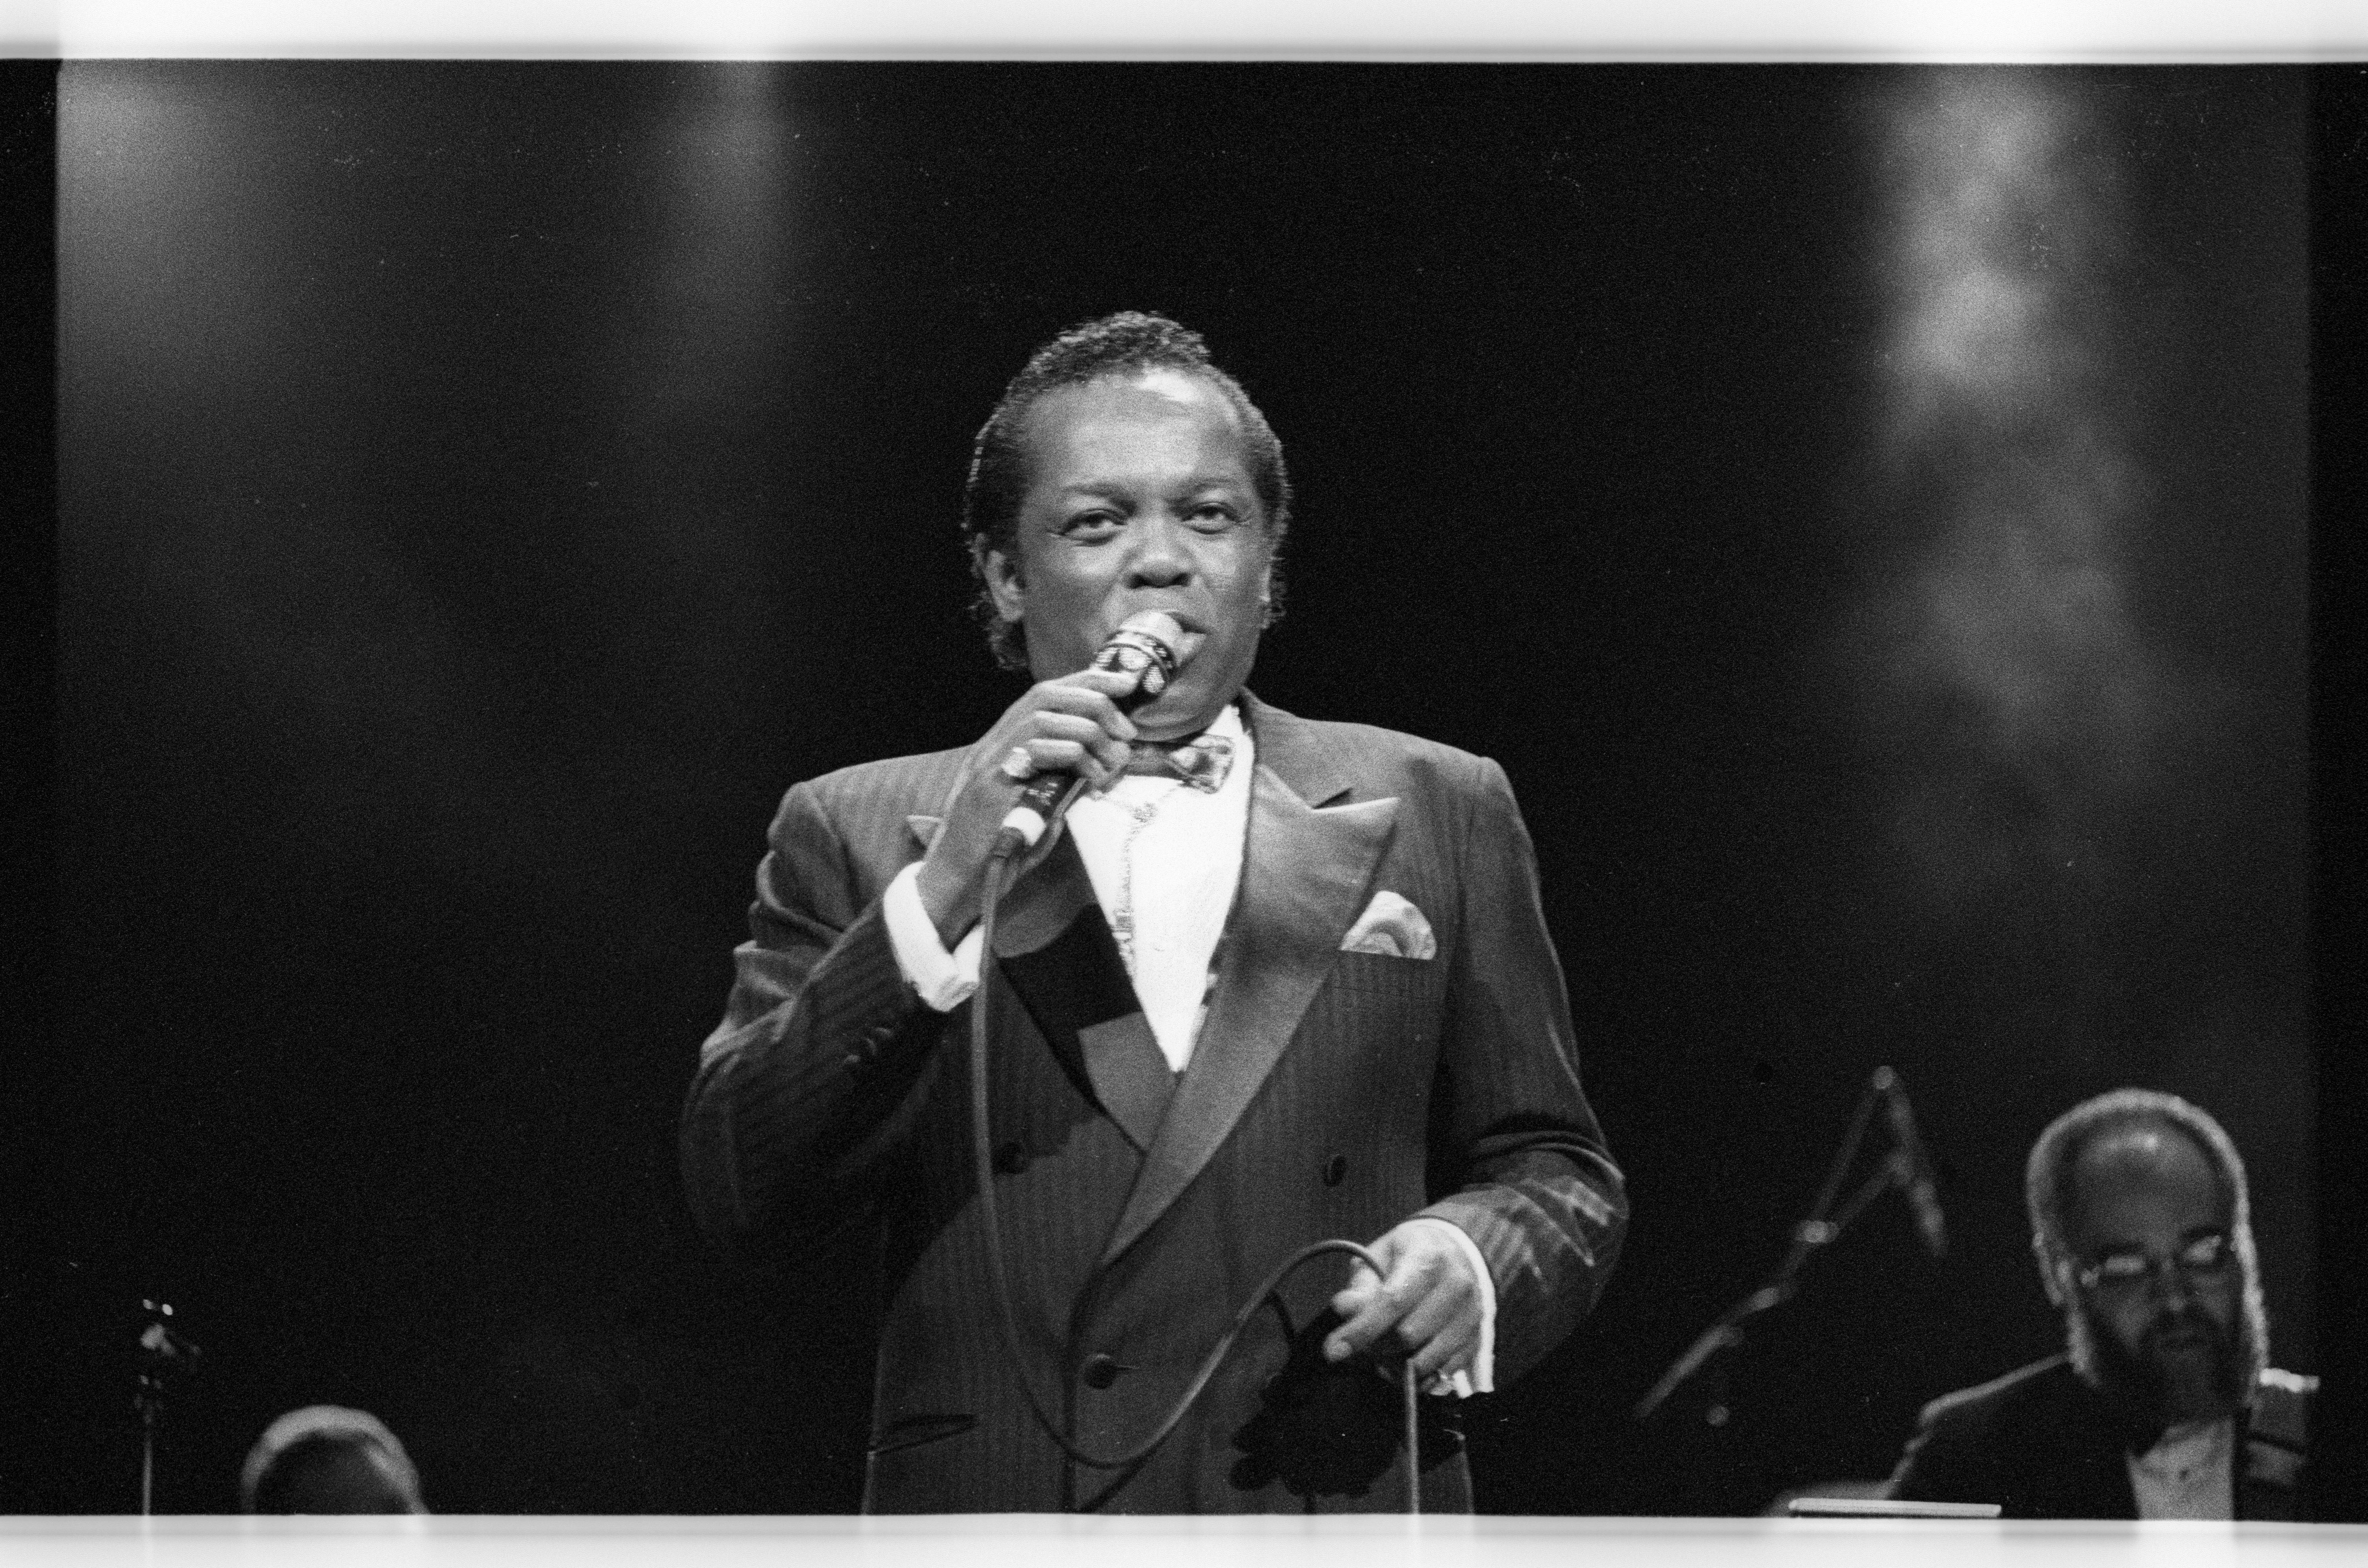 Lou Rawls, Royal Albert Hall, 1990